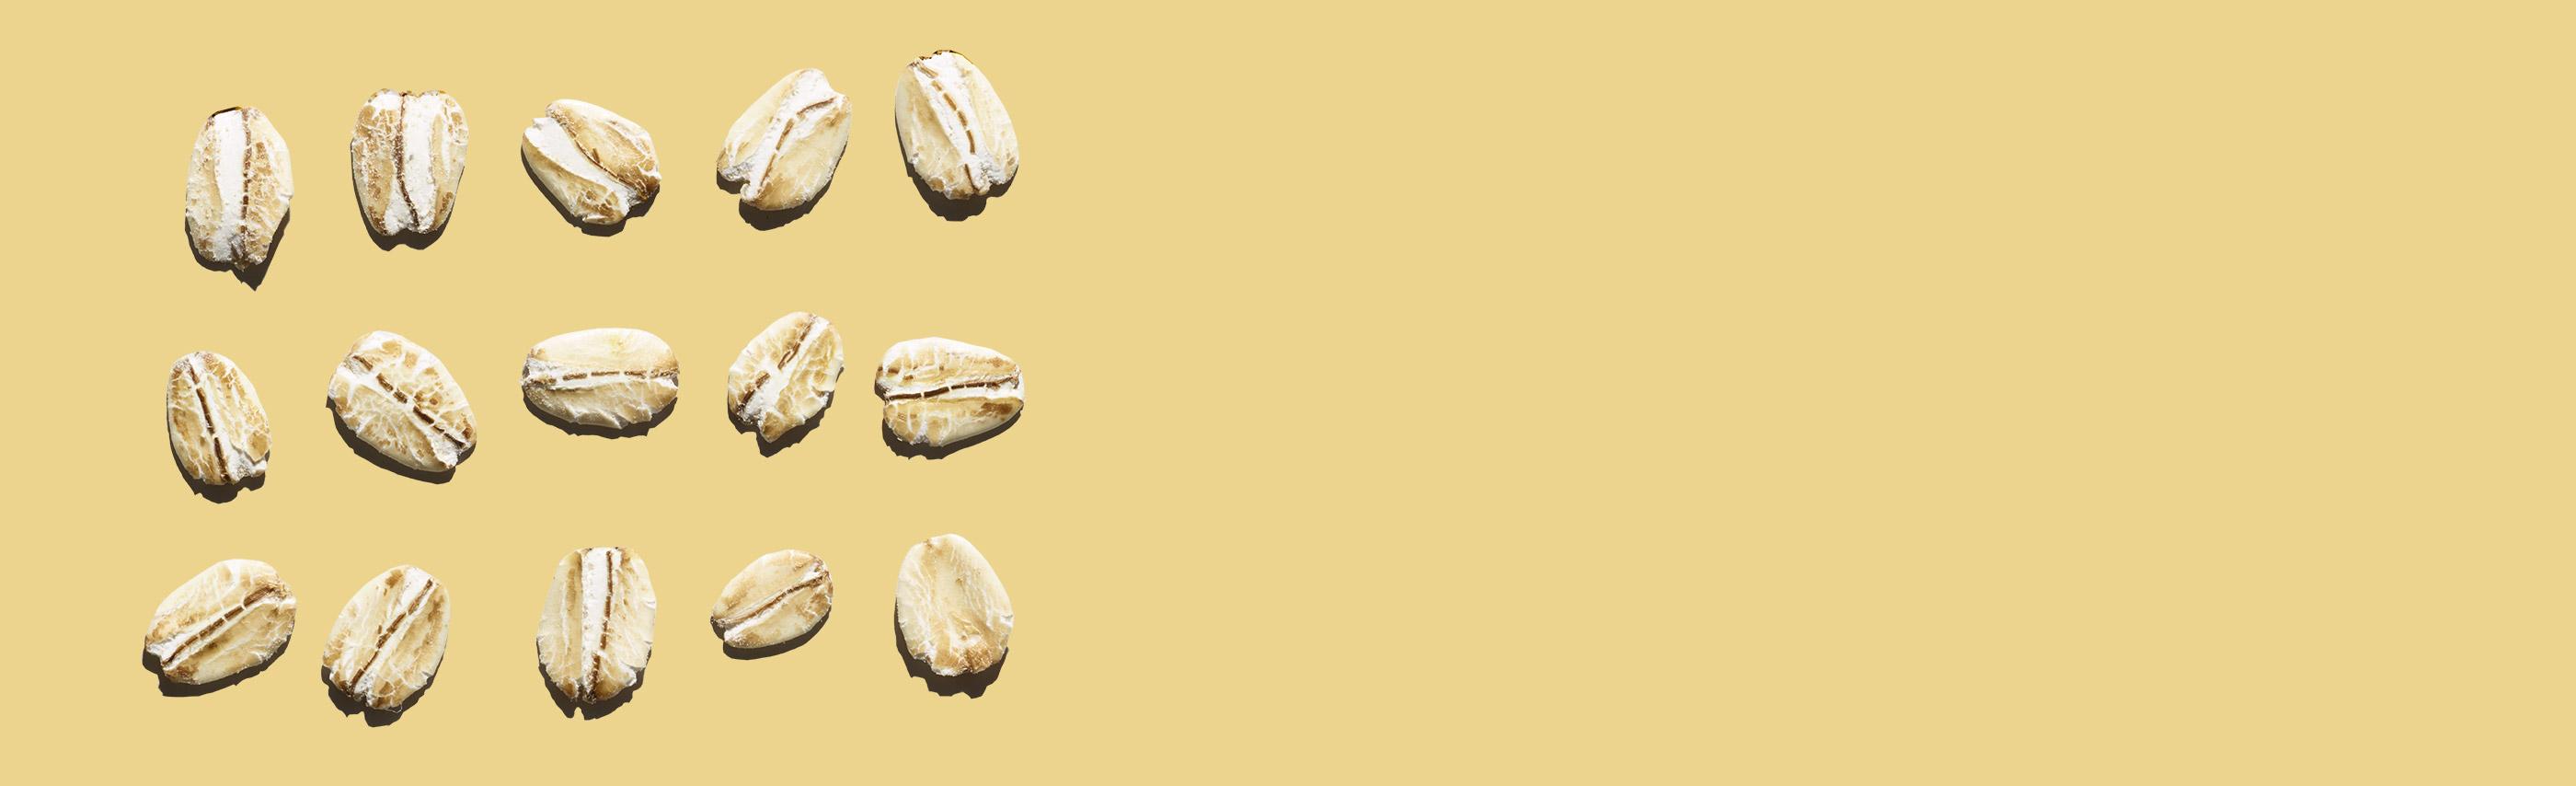 เมล็ดข้าวโอ๊ตทรงคุณค่าที่มีในผลิตภัณฑ์อาวีโน่